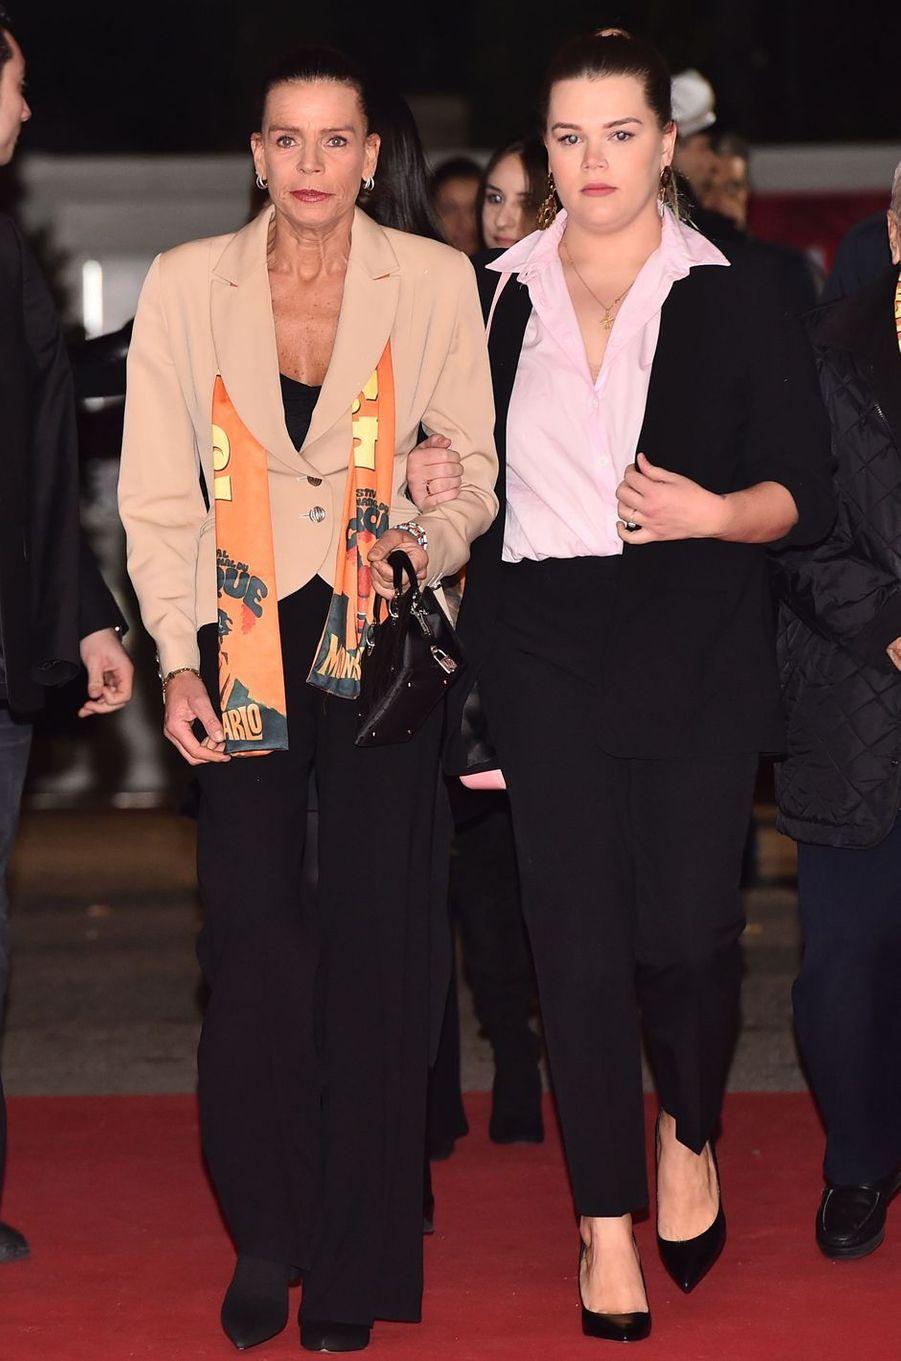 Le look de la princesse Stéphanie de Monaco au Festival international du cirque de Monte-Carlo, le 19 janvier 2019